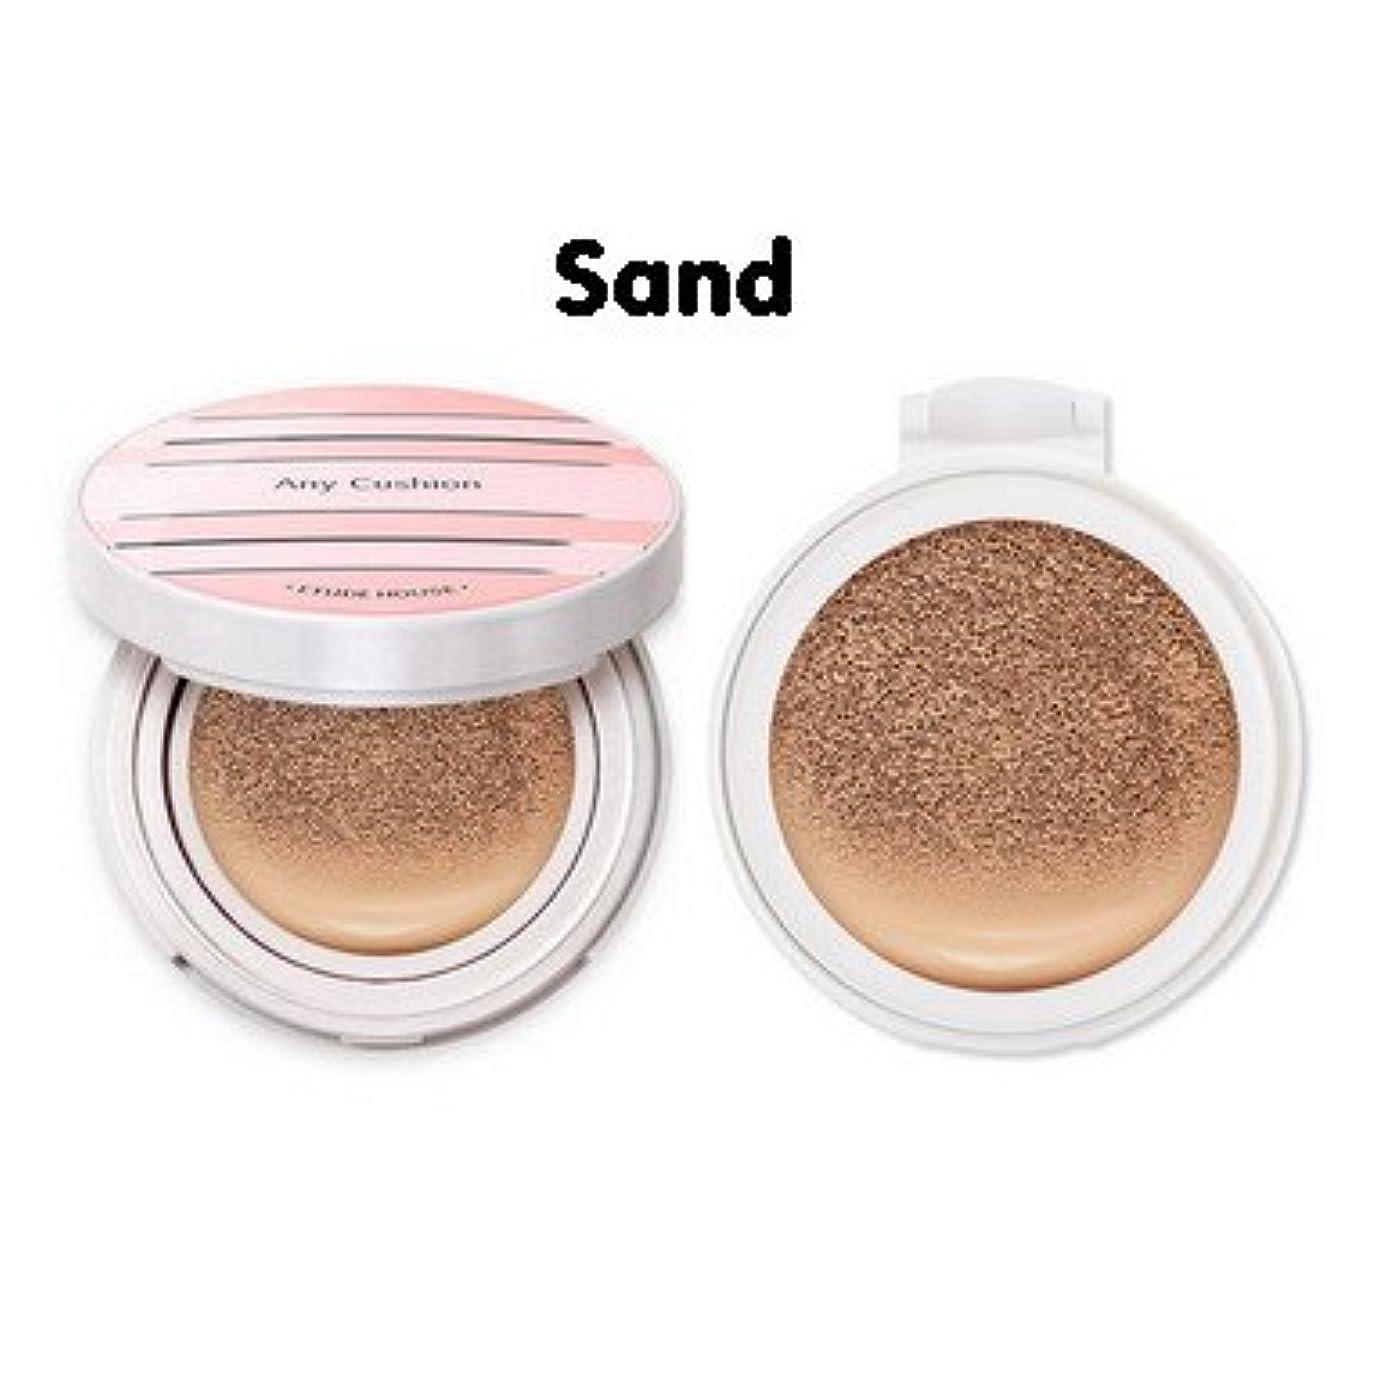 コード重さ自治的【ETUDE HOUSE(エチュードハウス)】エニクッション オールデーパーフェクト15g+15g (本品+リフィル) (SPF50+/ PA+++) (6カラー選択1) (Sand) [並行輸入品]